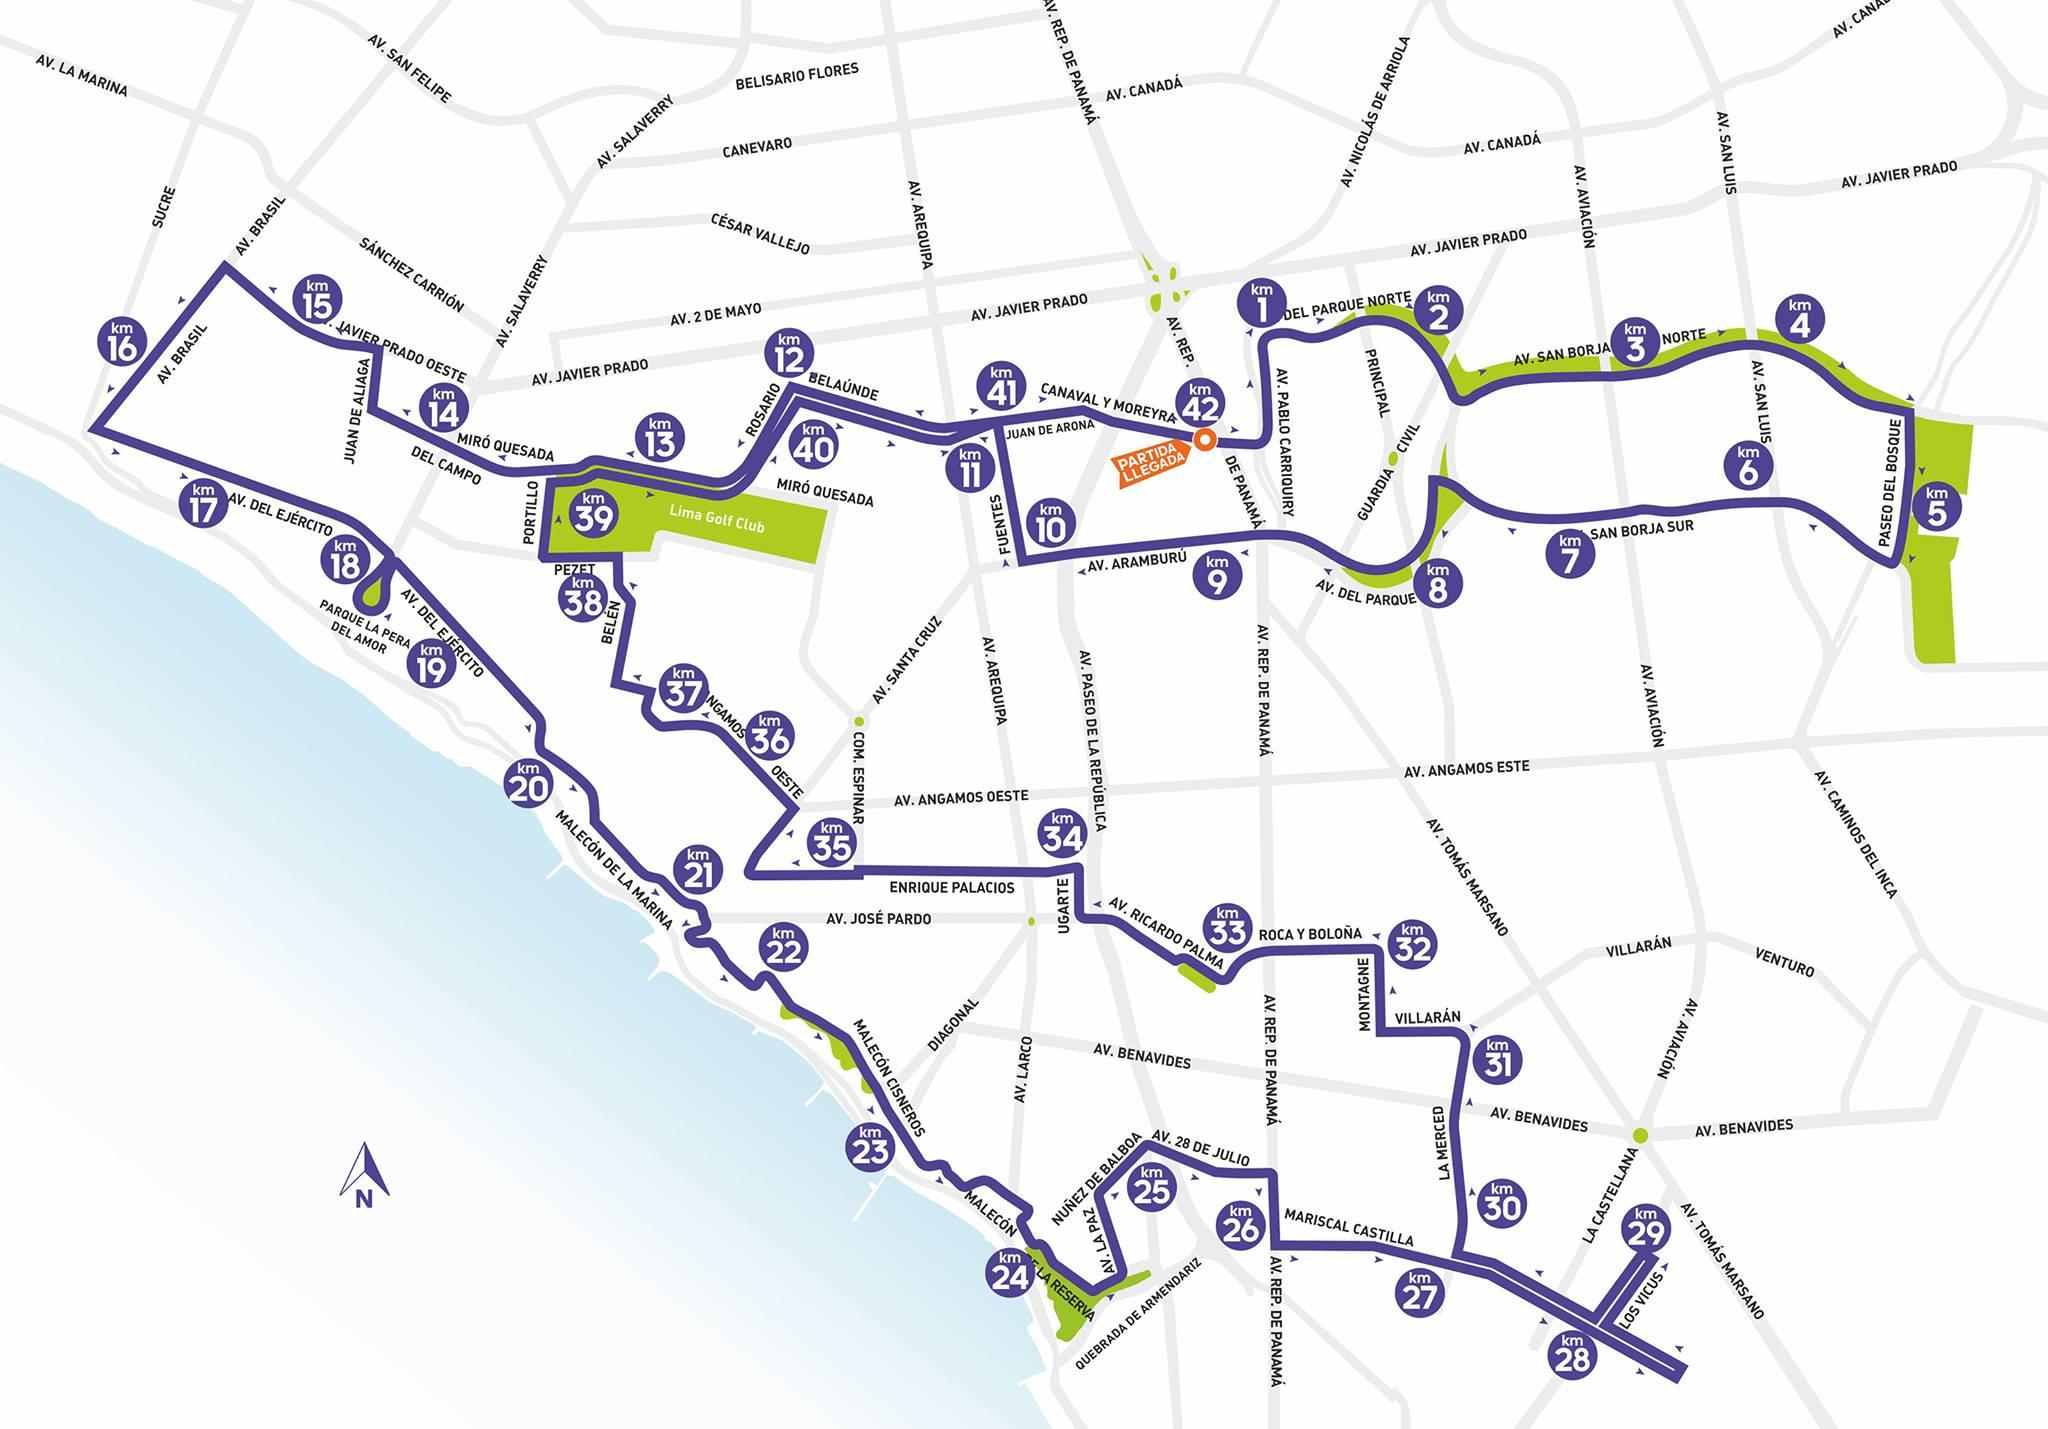 Circuito de la Maratón de Lima - Locos por correr